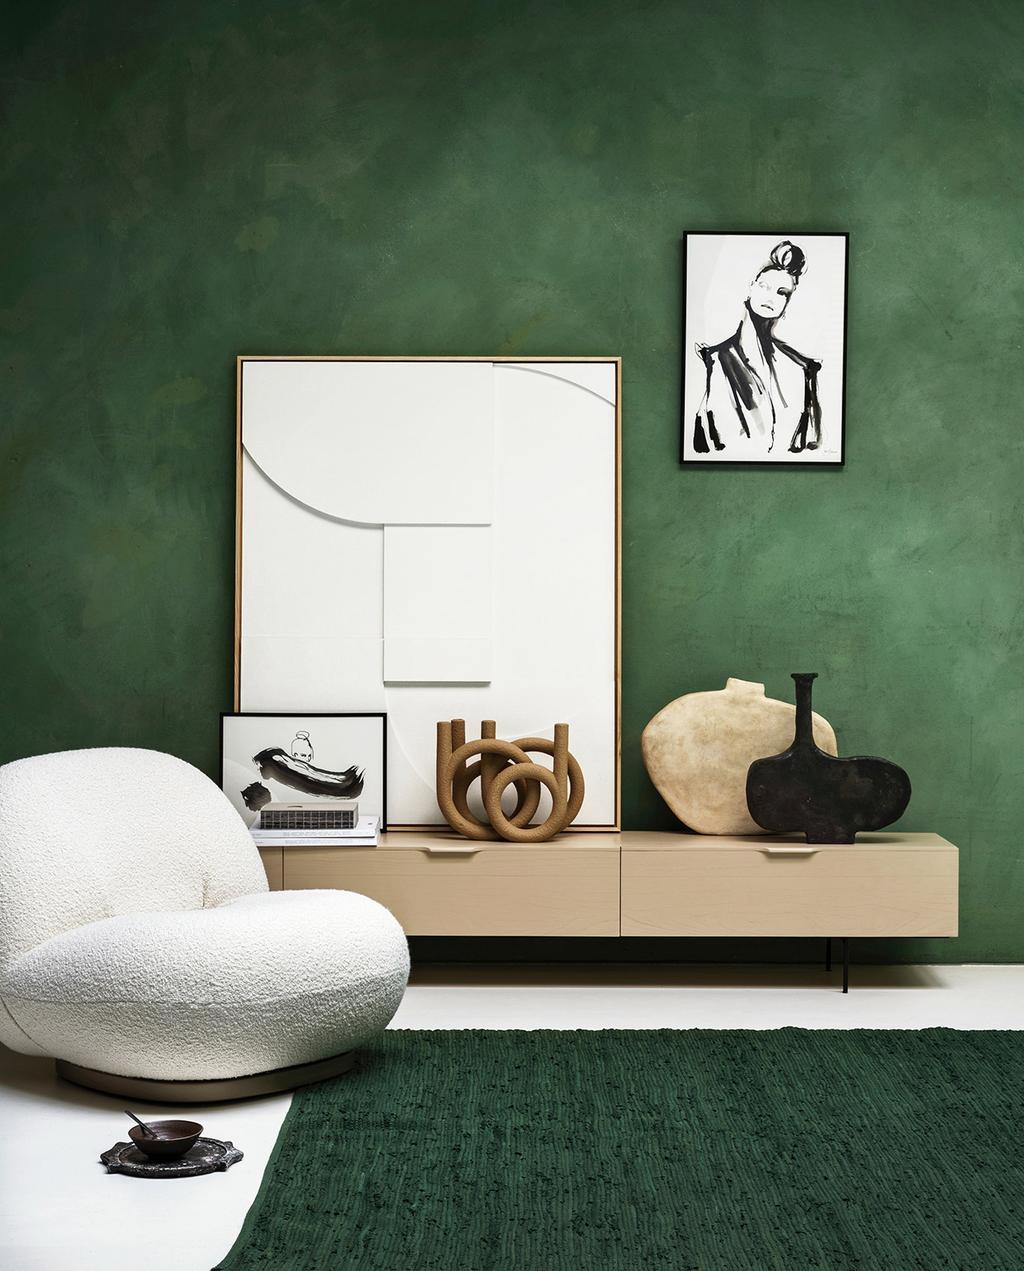 vtwonen 01-2021 | groene muur met wollen fauteuil, schilderijen op muur